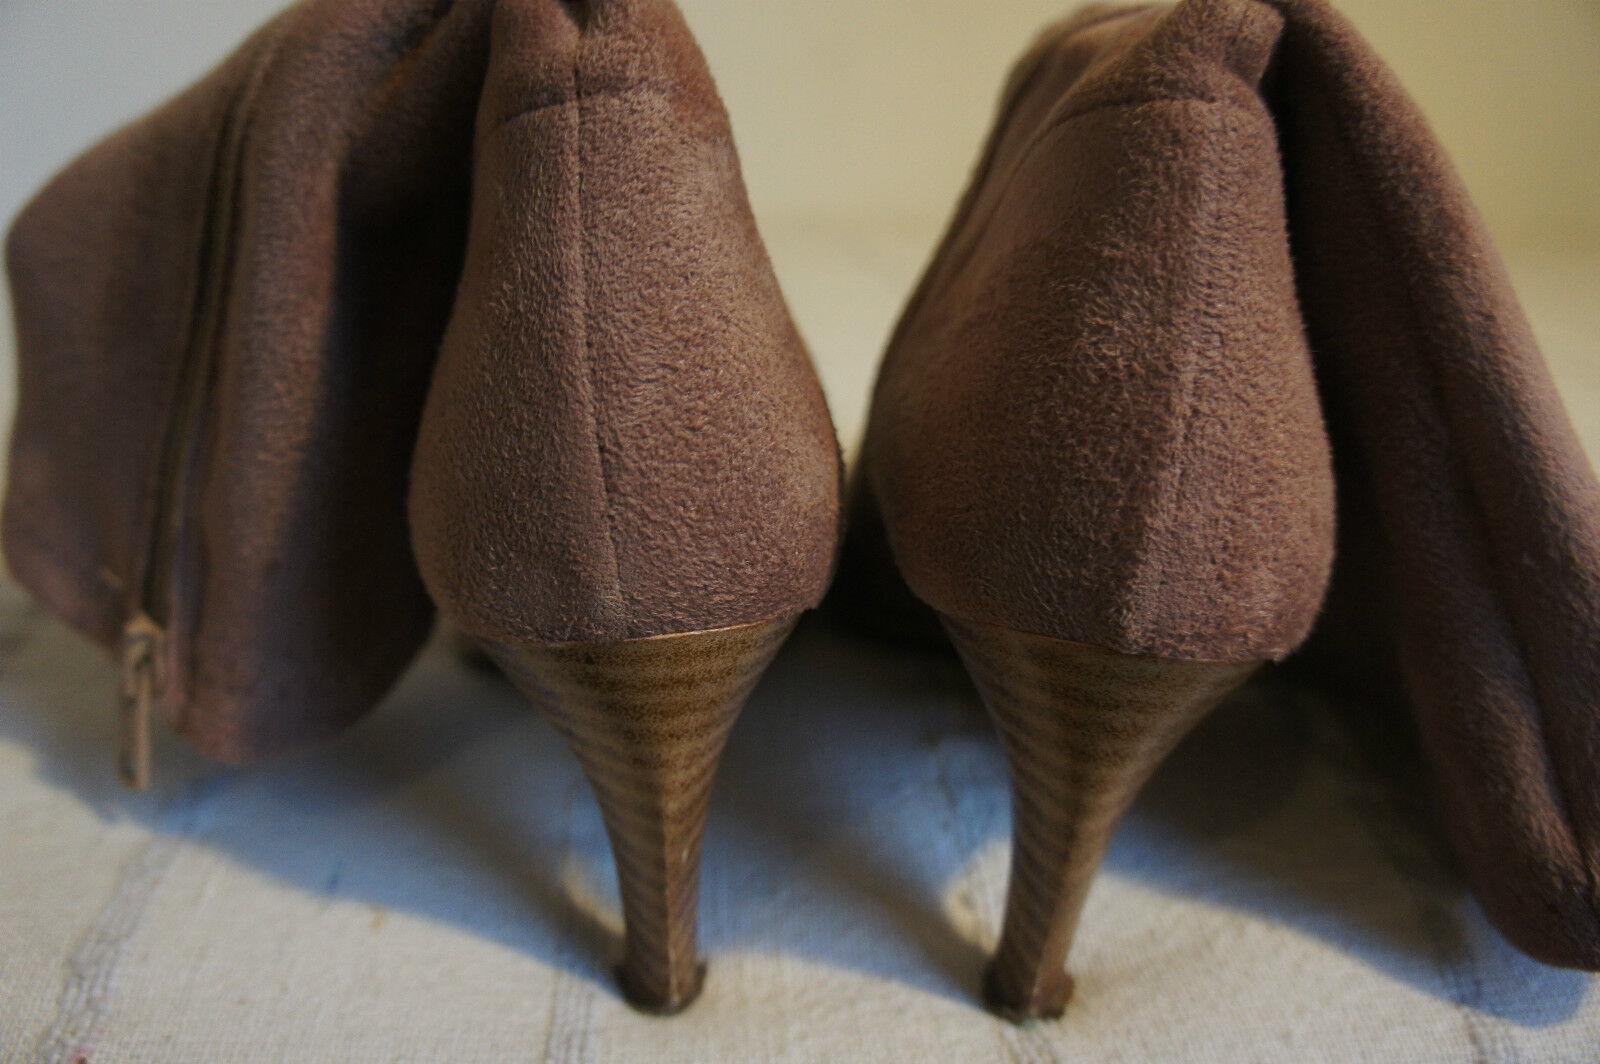 Stiefeletten von C.L.V. C.L.V. von Made in Italy a2c8cc